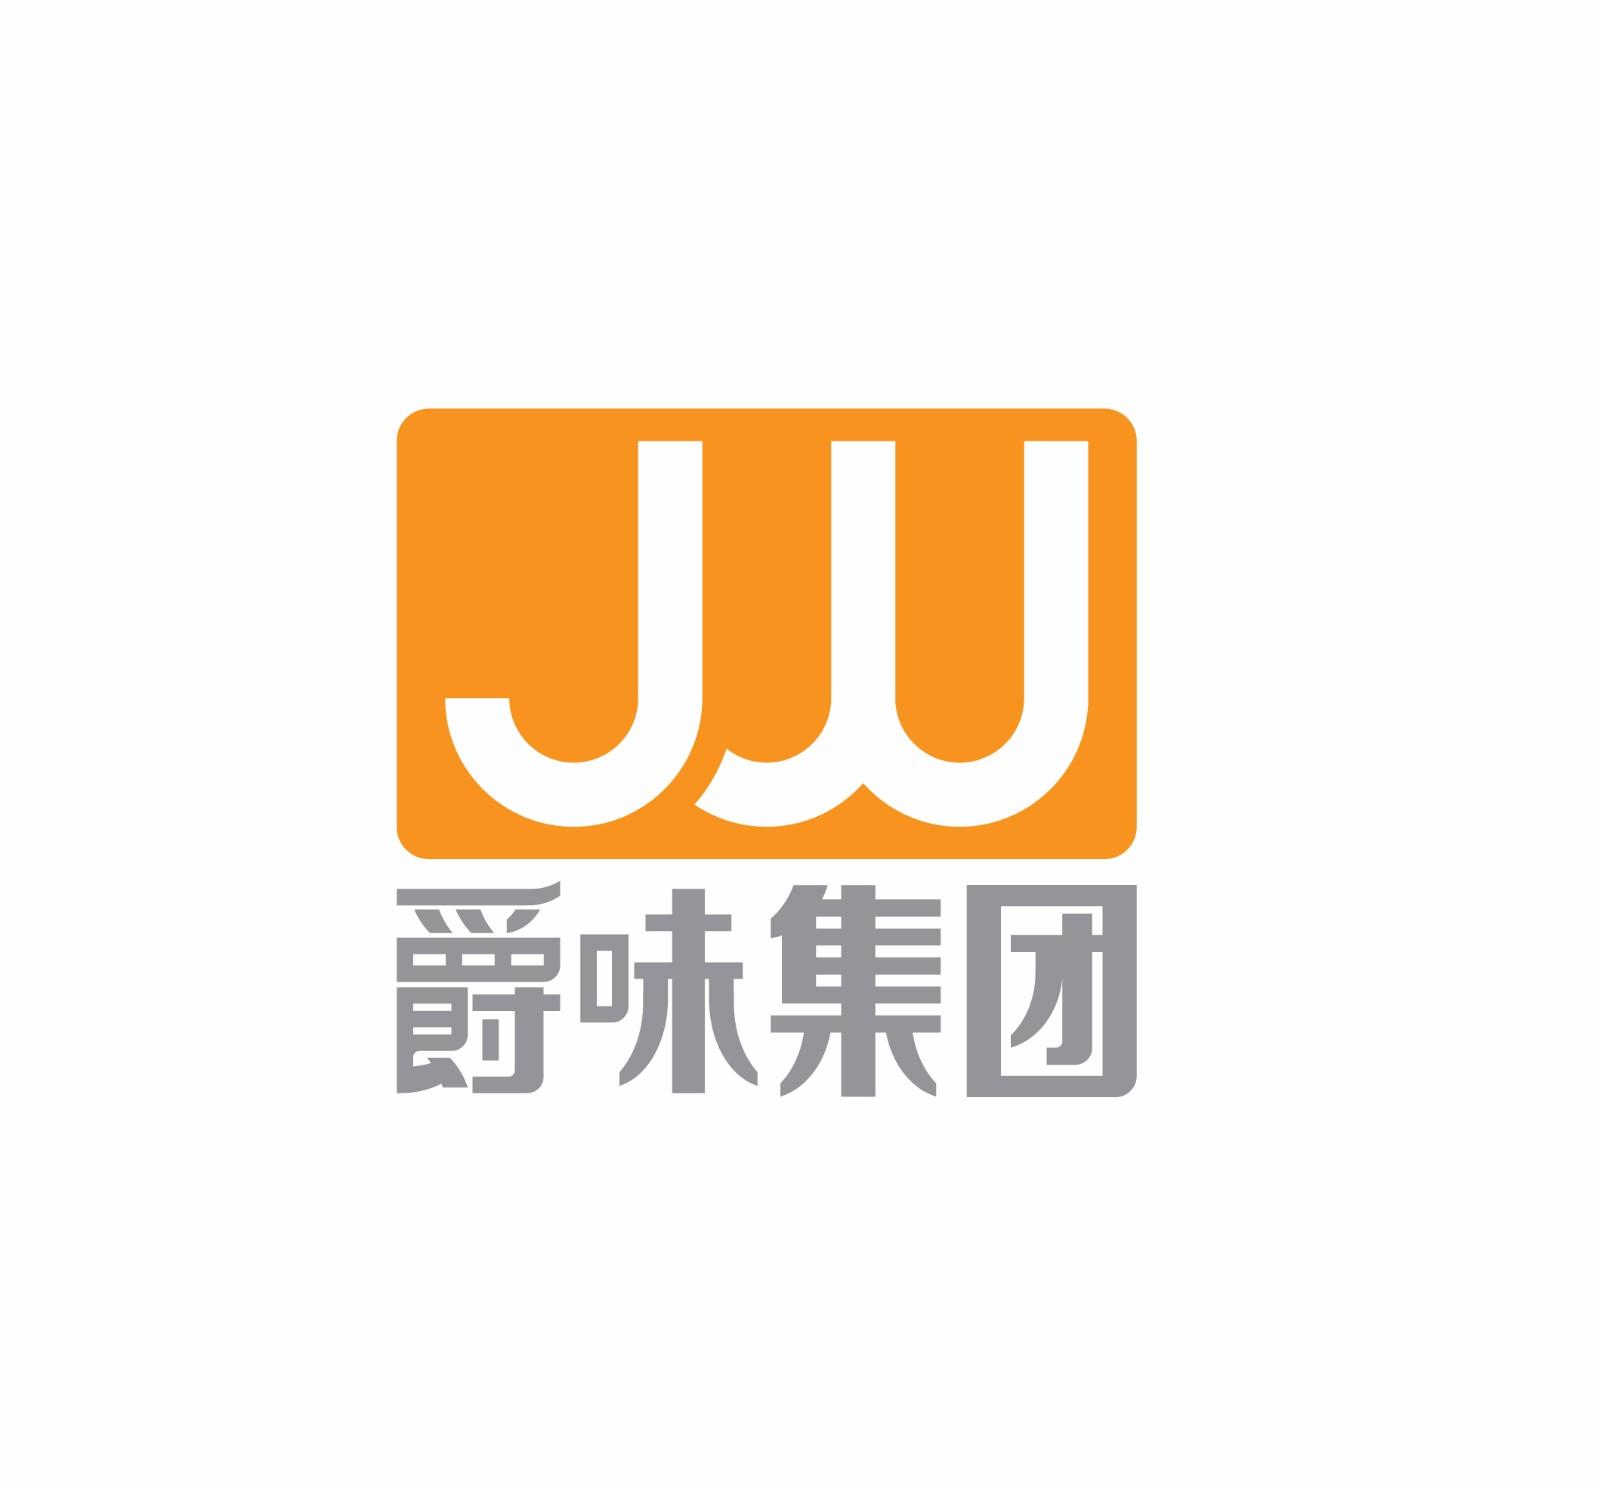 logo logo 标志 设计 矢量 矢量图 素材 图标 1600_1488